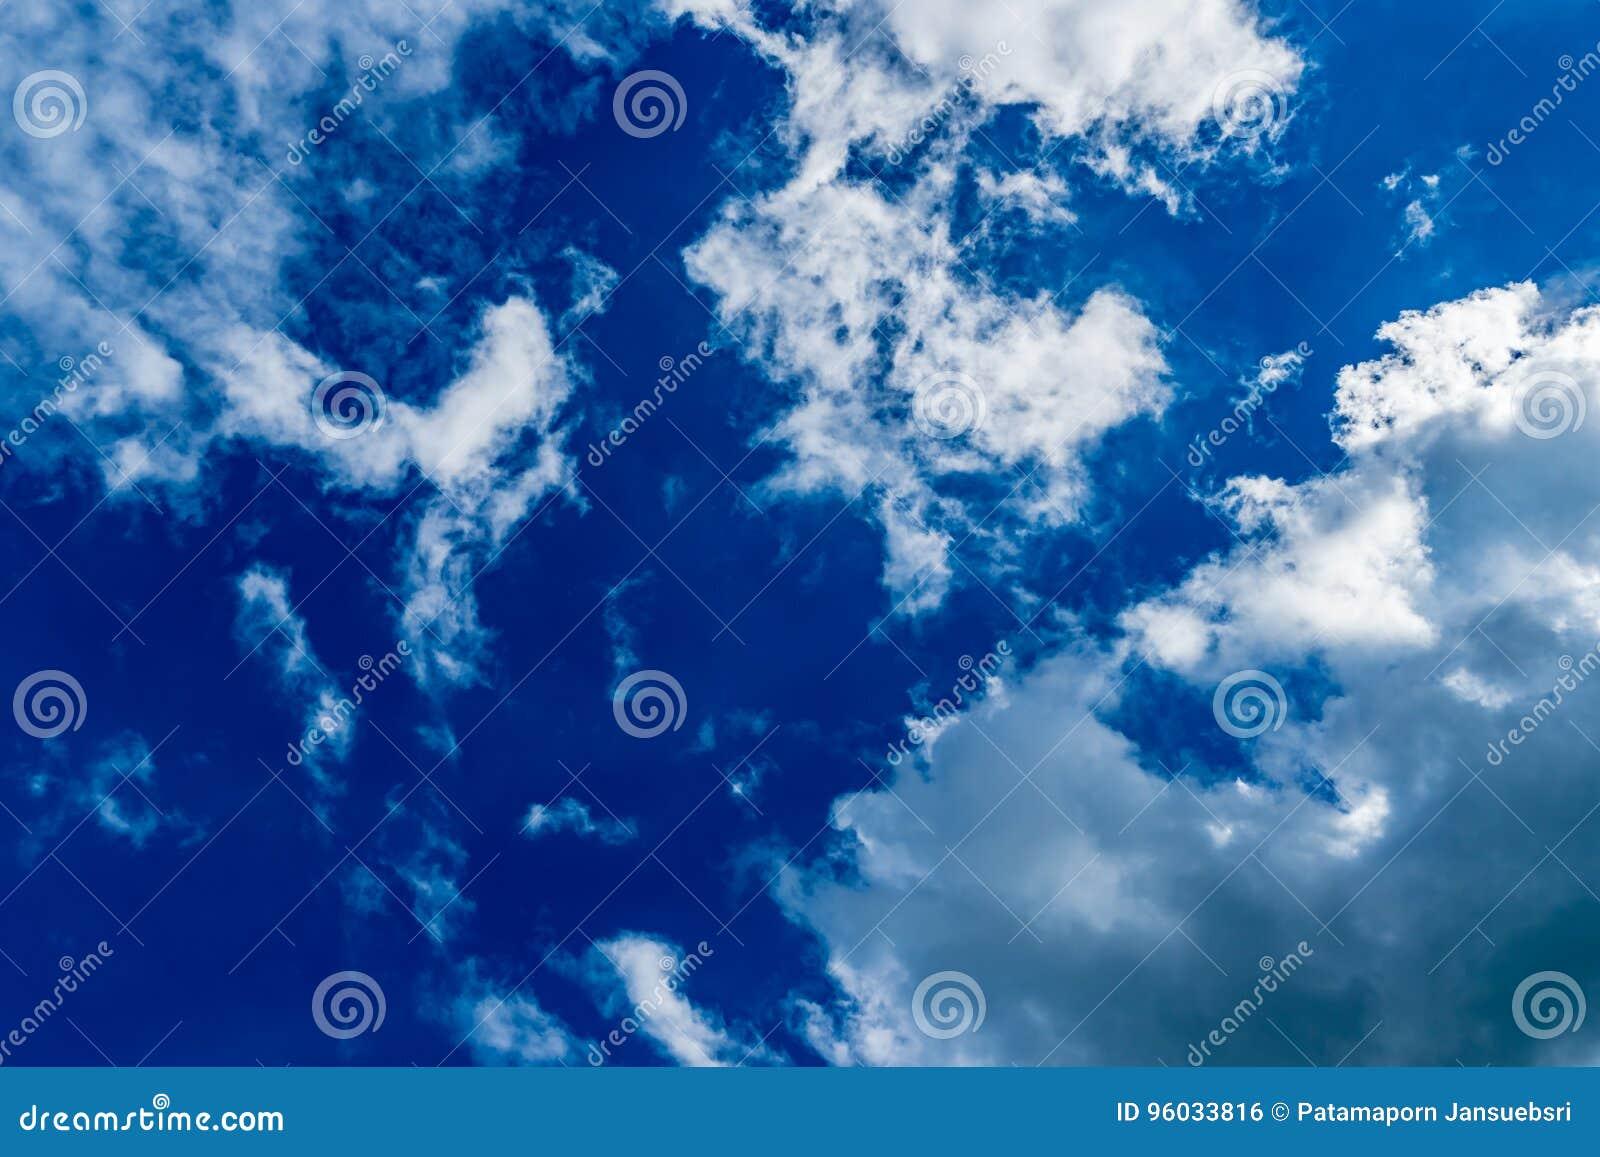 Błękit obłoczny nieba biel